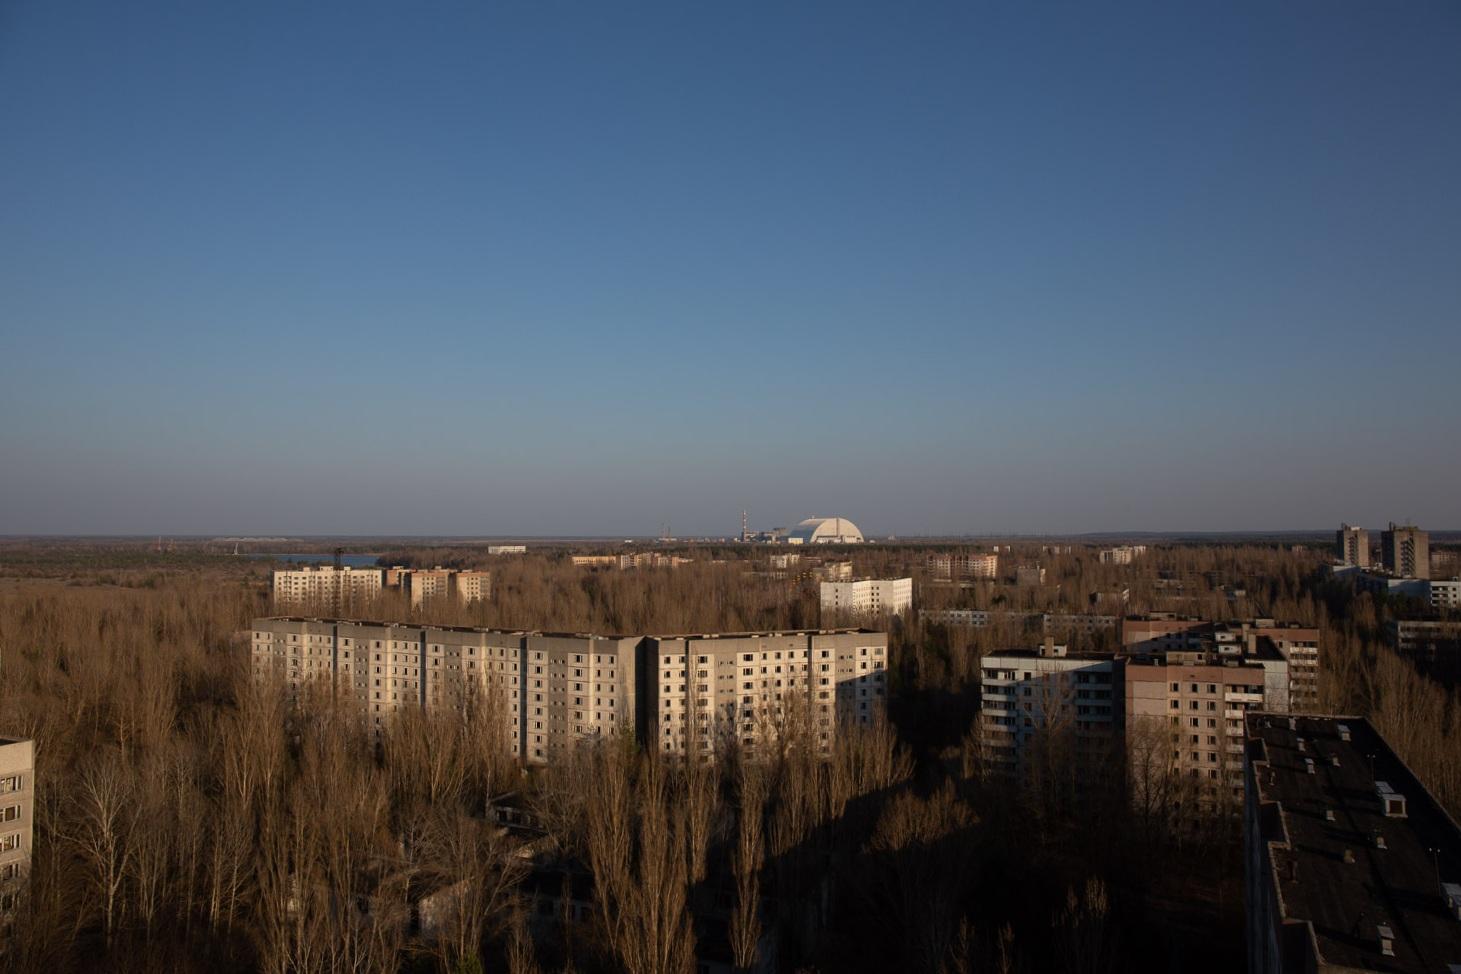 chernobyl+power+plant-3.jpg